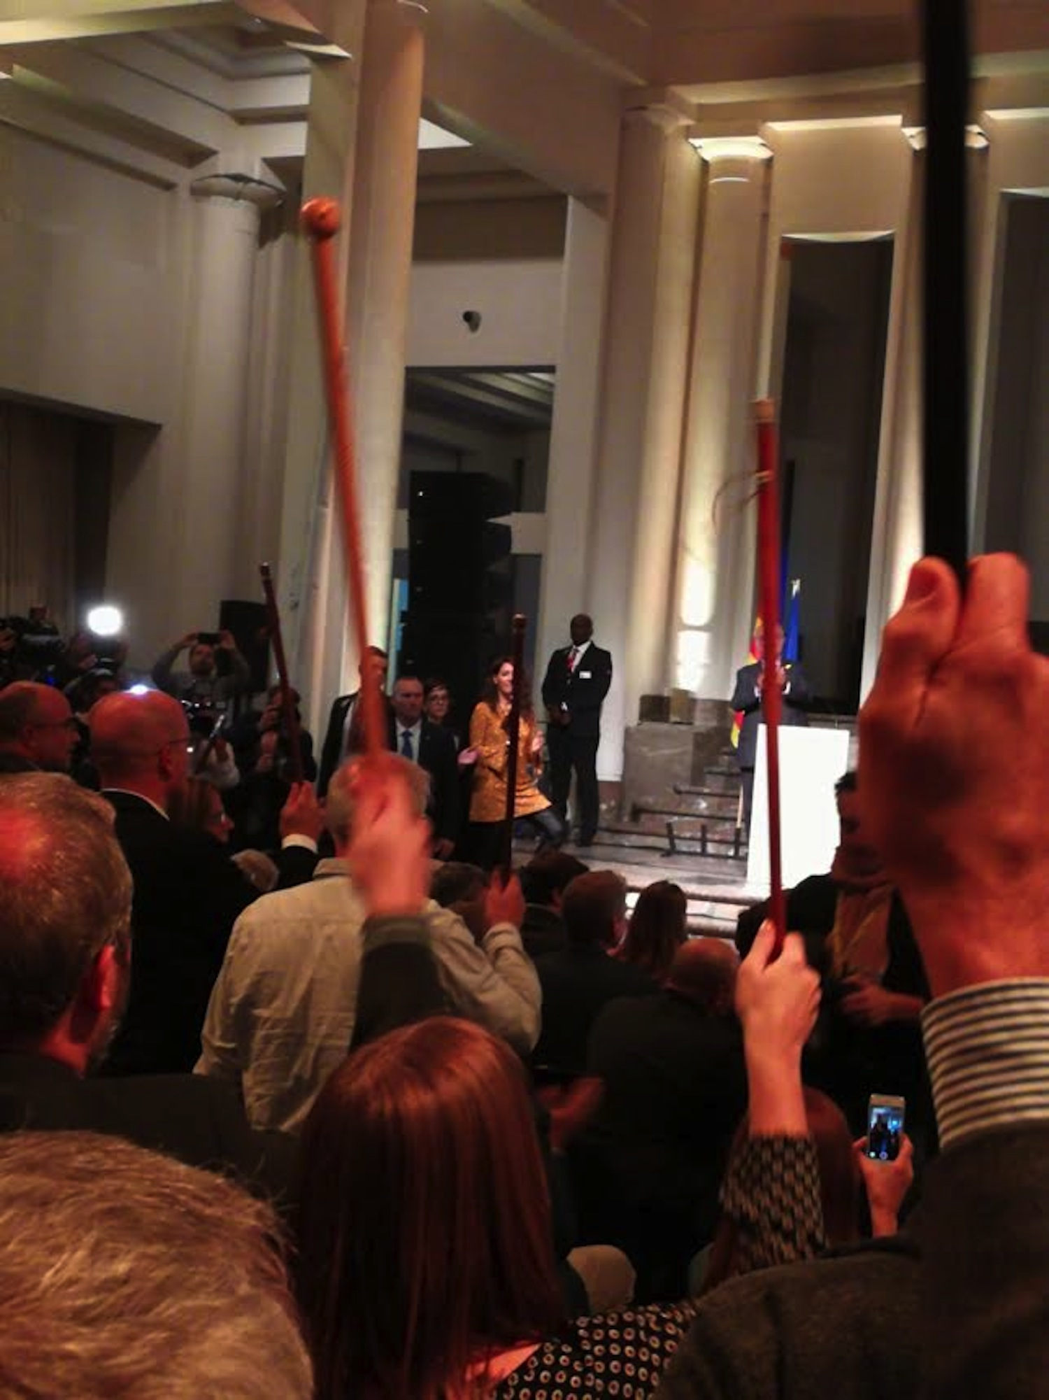 Marta Blanch, alcaldessa de Puigpelat, captura l'instant en què els alcaldes reben al president tot aixecant les seves vares.